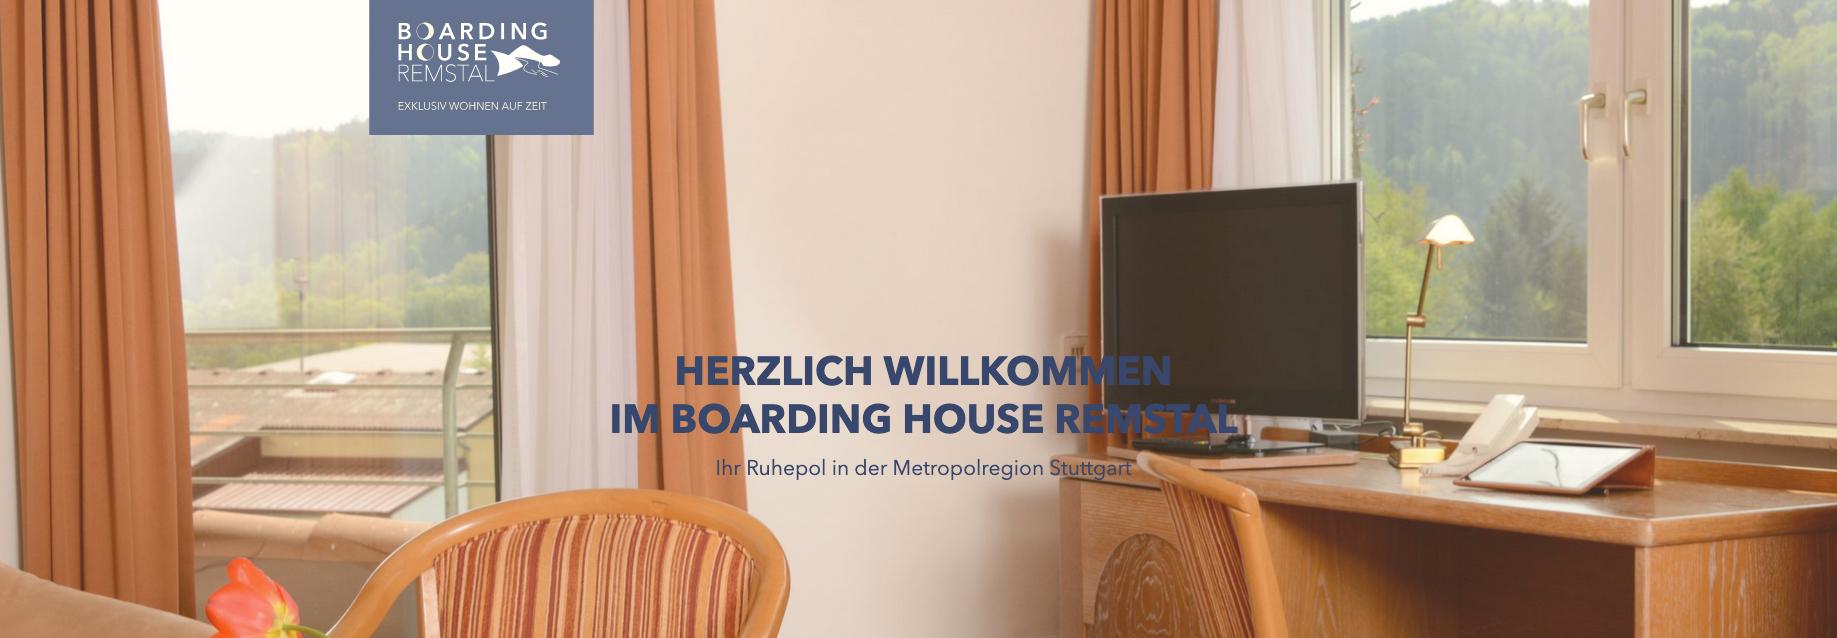 Boarding House Remstal_Header